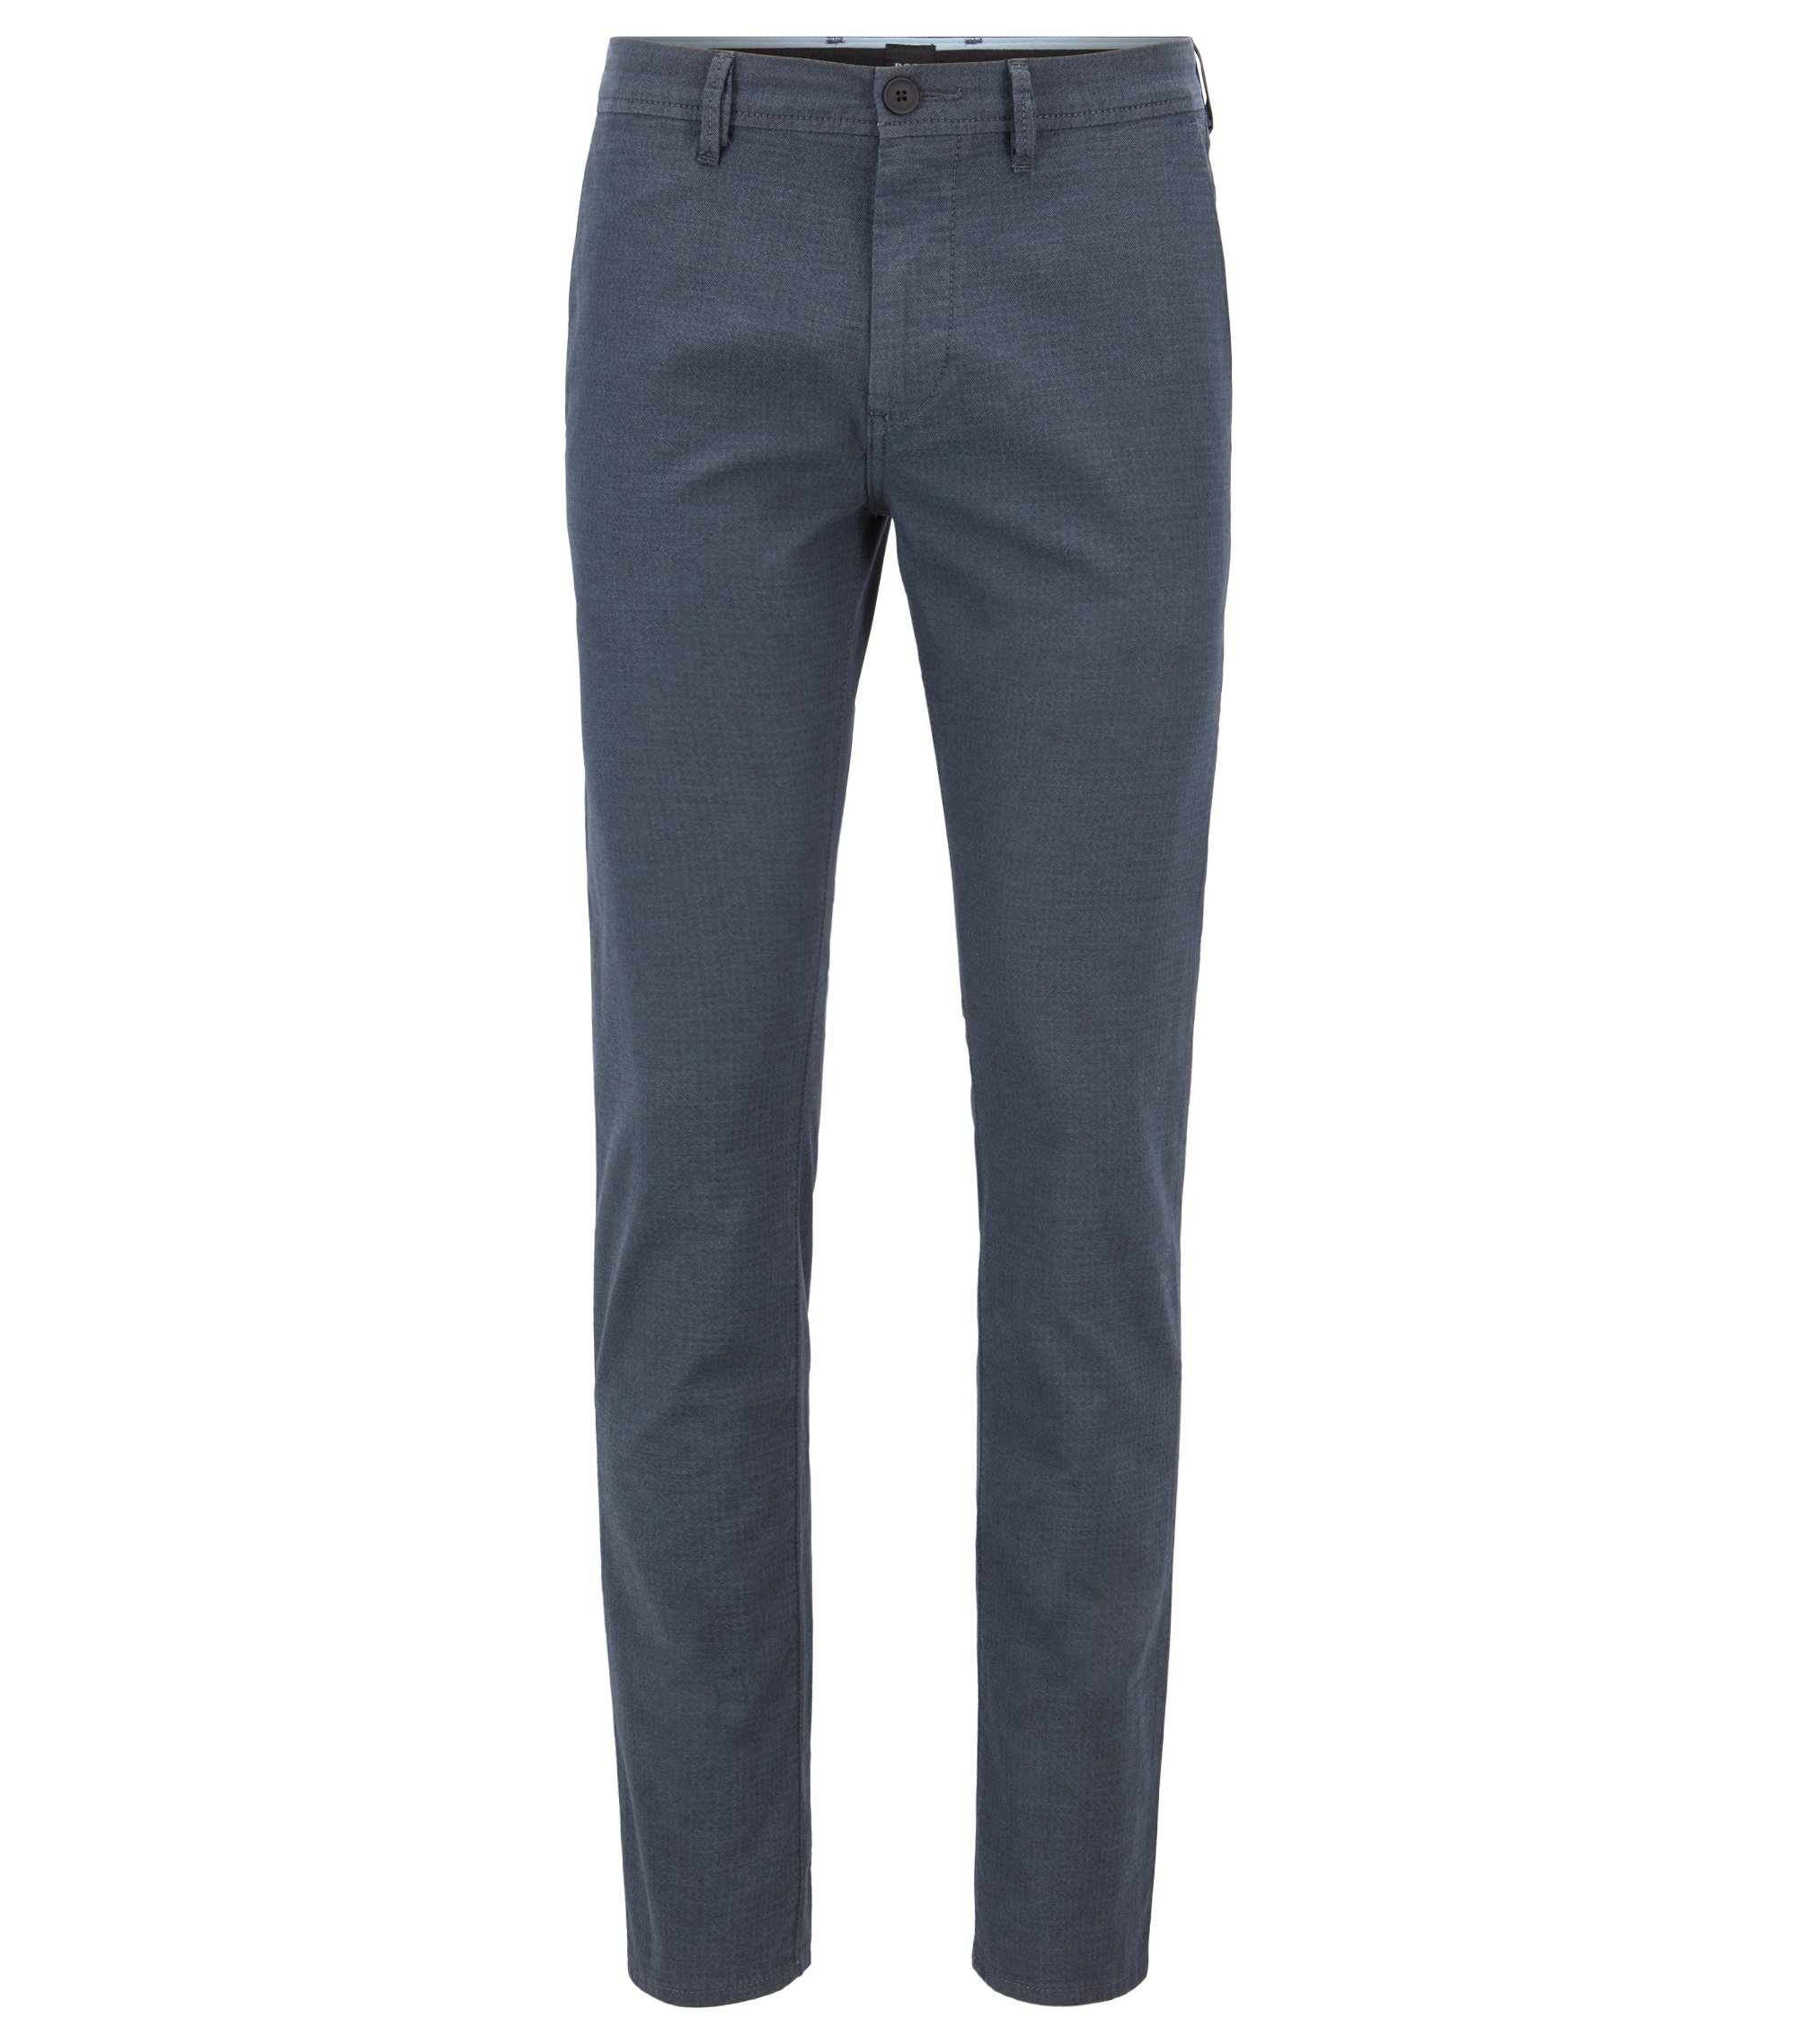 Pantalon Slim Fit en coton stretch structuré, Bleu vif